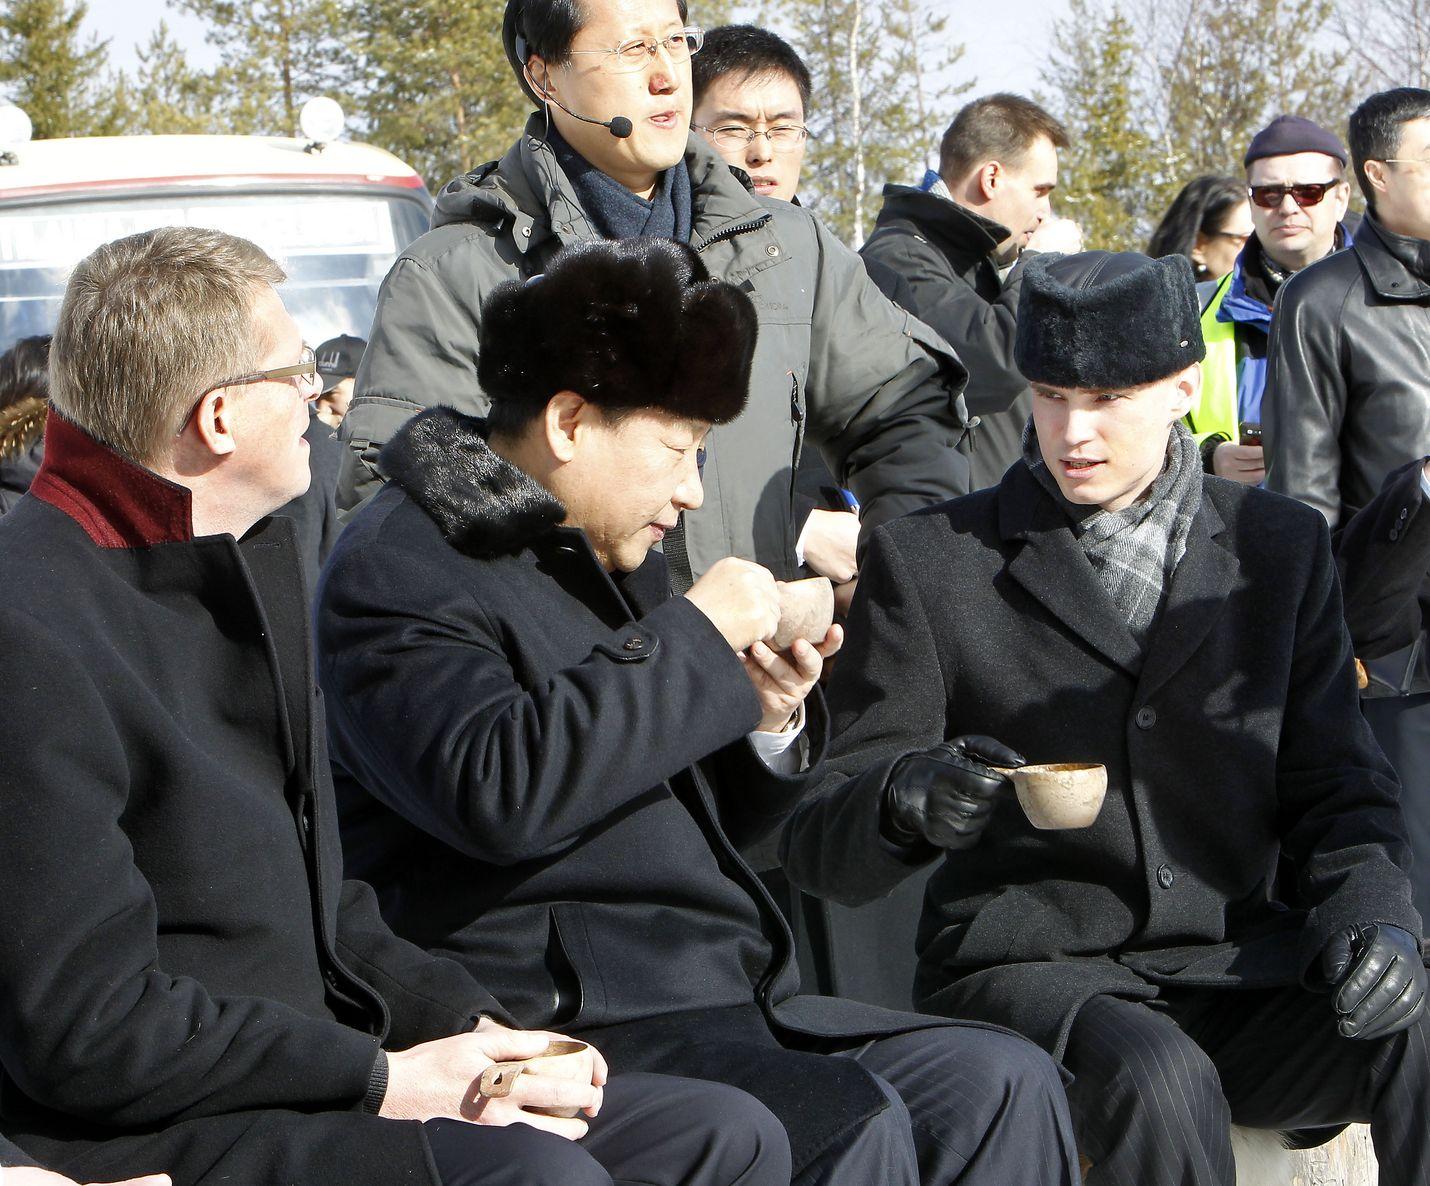 Kiinan presidentti Xi Jinping maistoi kuksasta juomaa Rovaniemellä 27. maaliskuuta 2010, kun hän oli vielä maan varapresidentti. Xitä isännöivät vasemmalla istuva silloinen pääministeri Matti Vanhanen (kesk.) ja oikealla oleva rovaniemeläispoliitikko Heikki Autto (kok.).